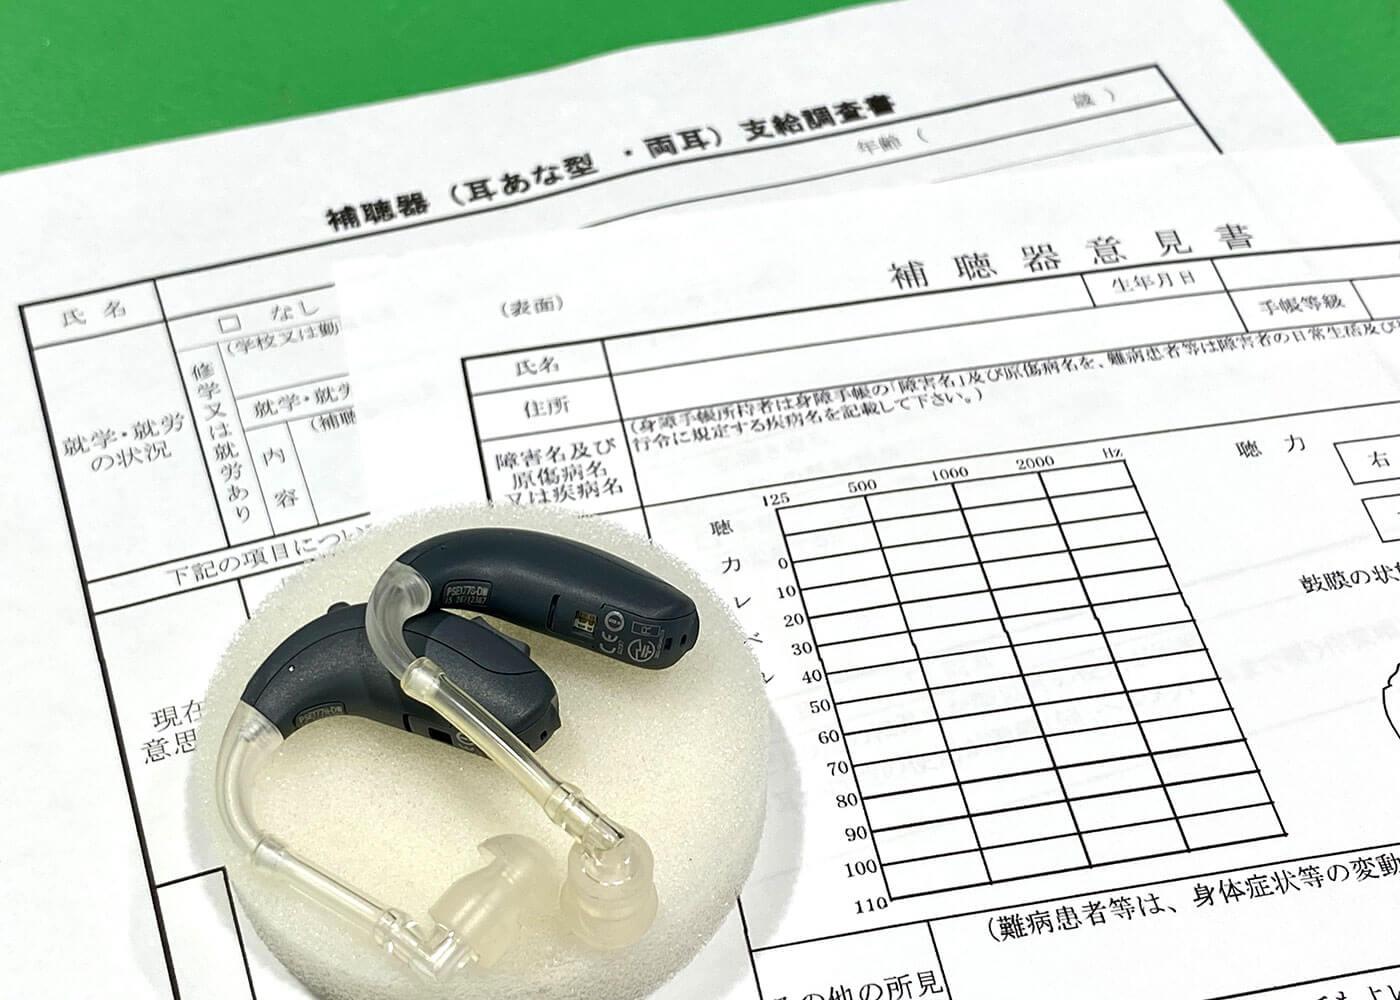 大分のメガネの正視堂 補聴器購入時の助成について